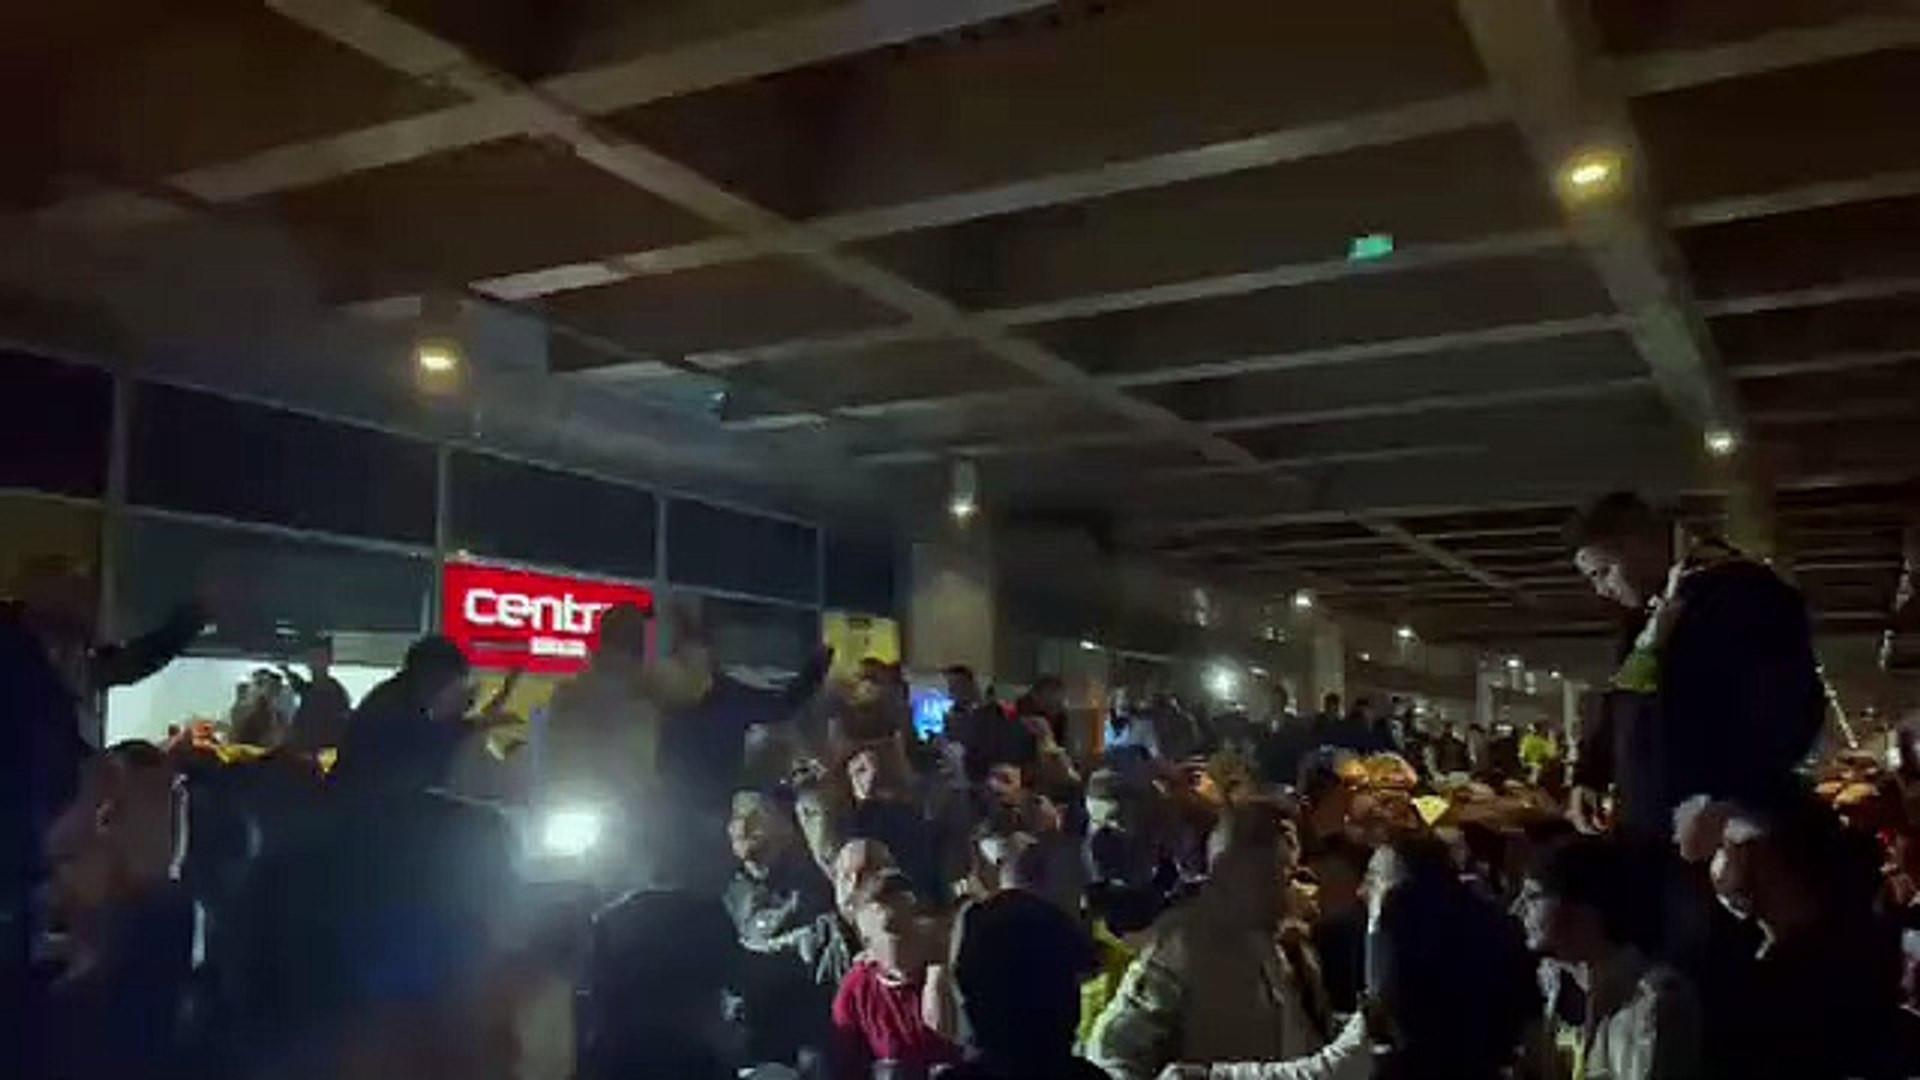 Ali Koç'un çağrısı sonrası Fenerbahçe taraftarı soluğu orada aldı